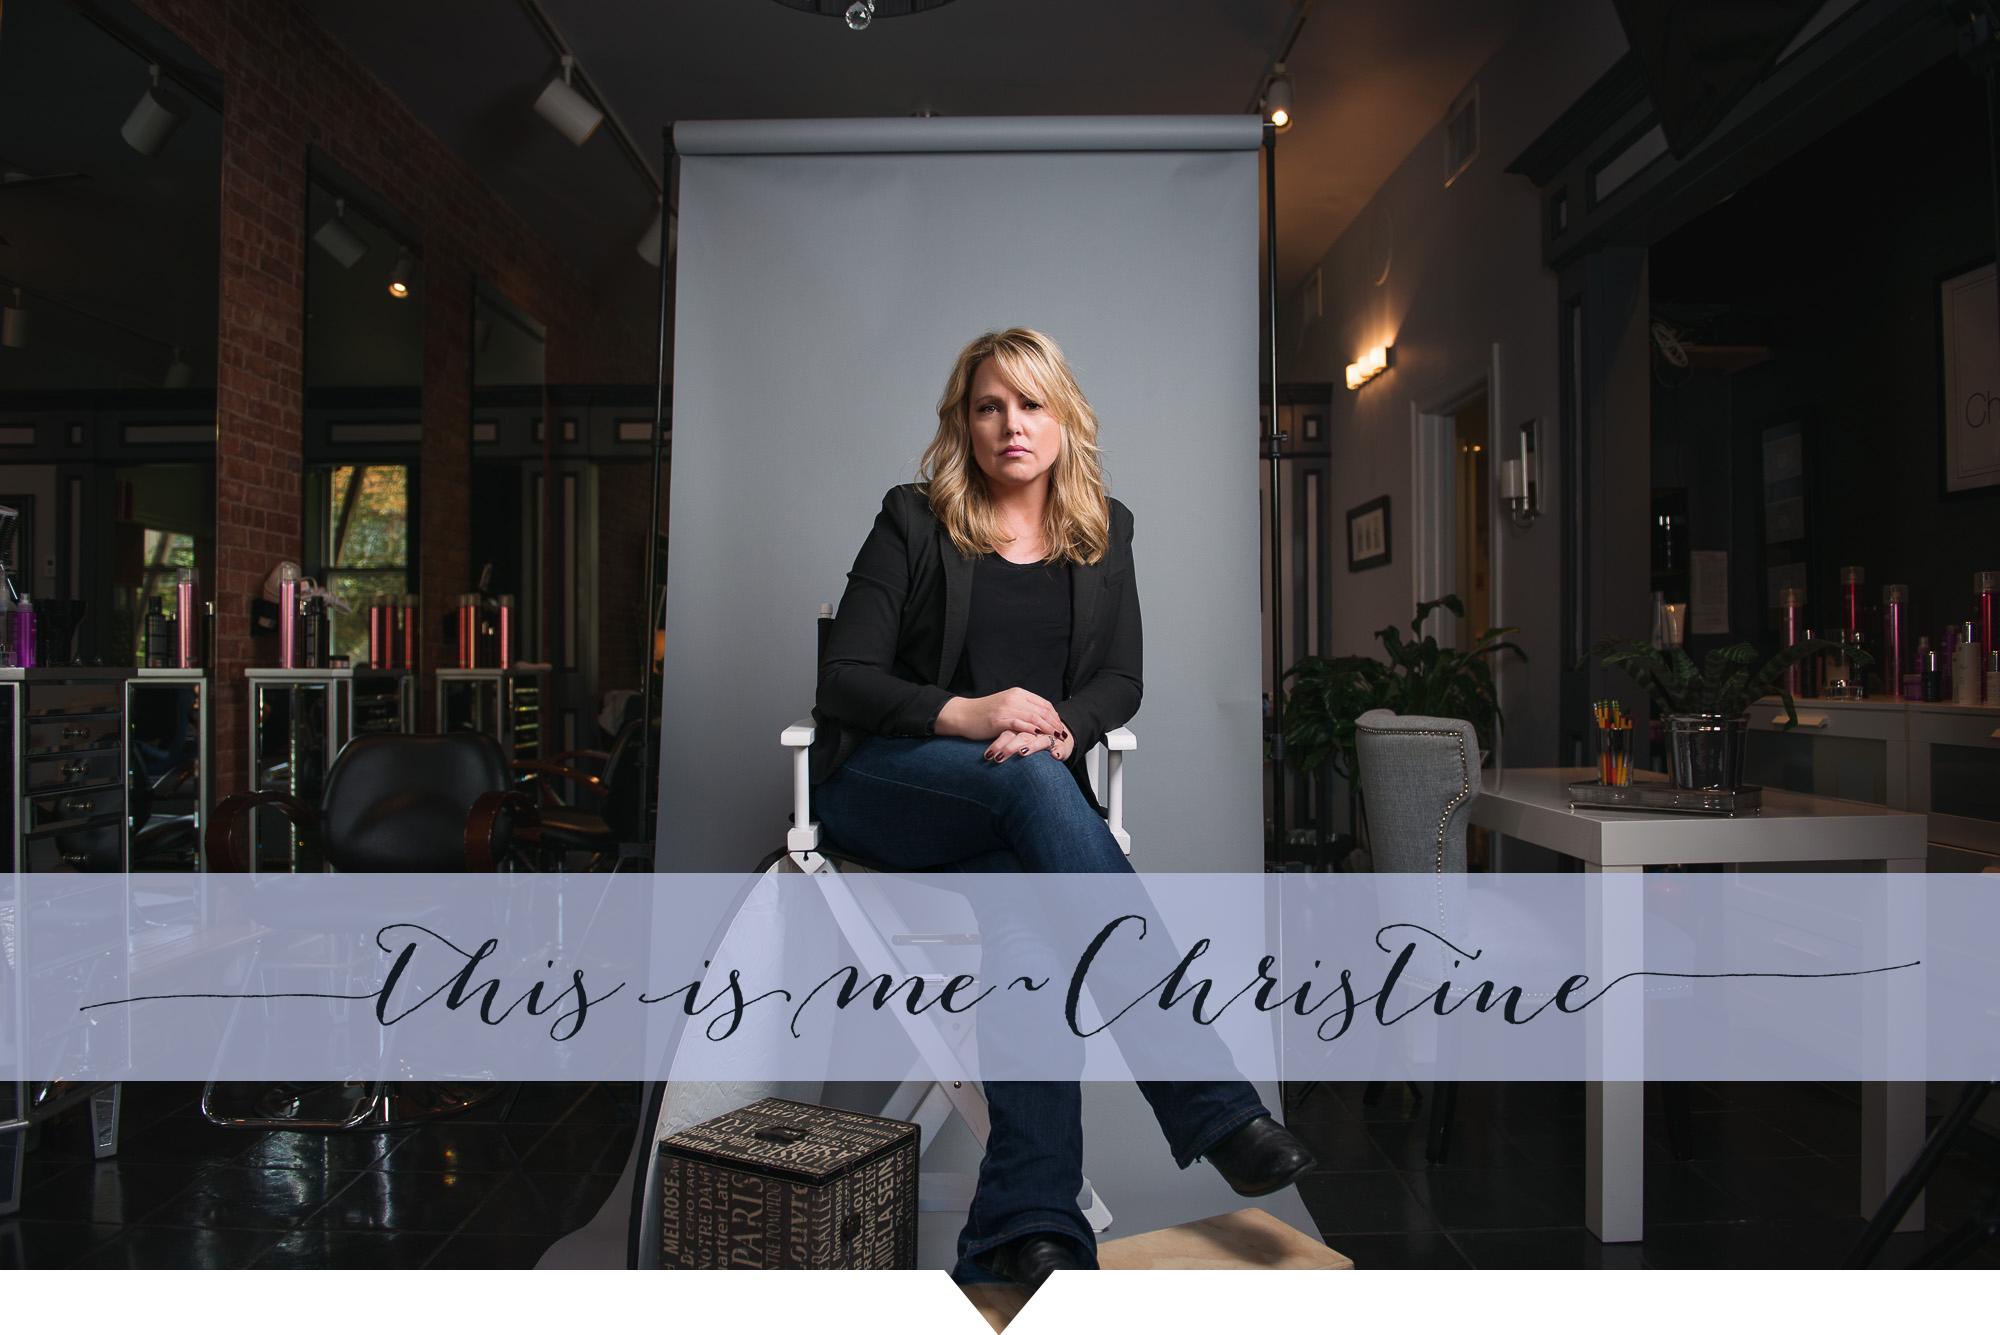 cc-christine-1-Cordey-Salon_boutique-salon-Nyack-rockland-ny-Christine-Cordey-Nicky-Pink